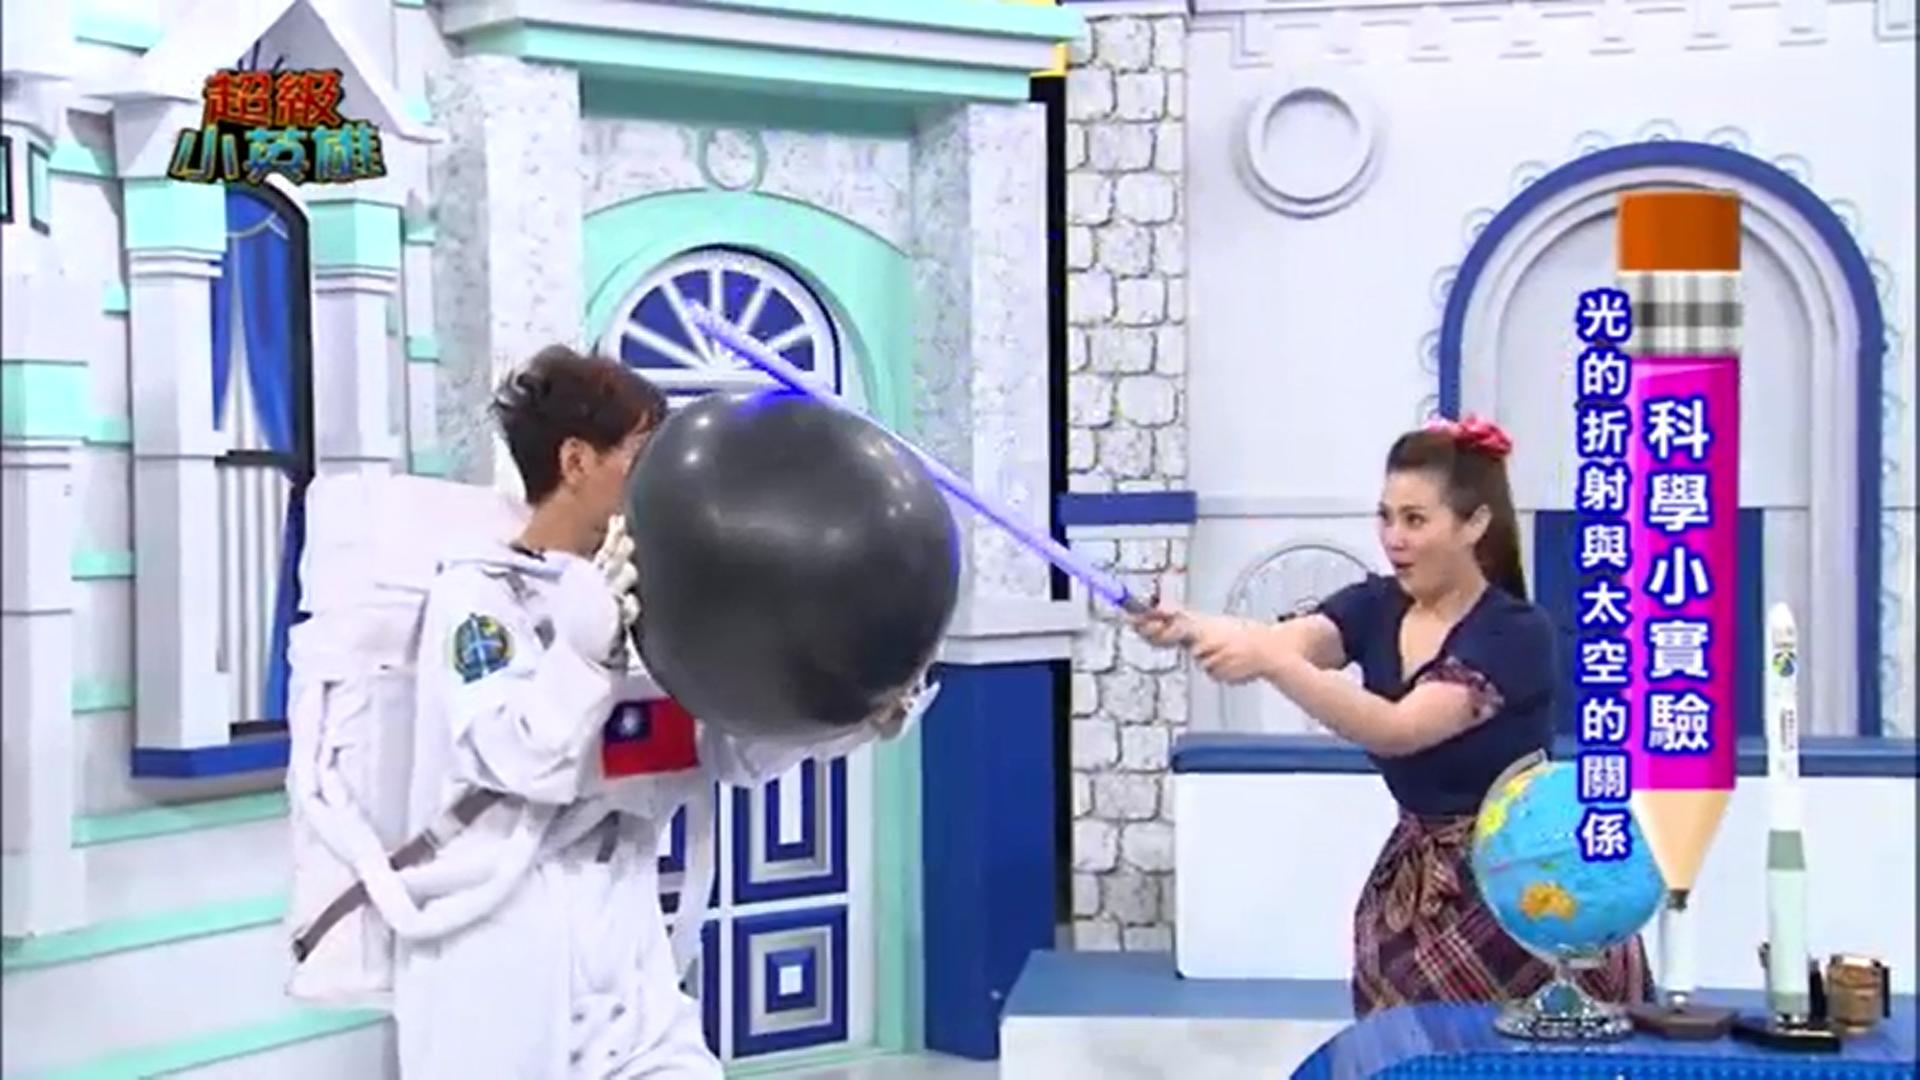 2014.09.28 超級電視台超級小英雄節目【光的折射與太空的關係】